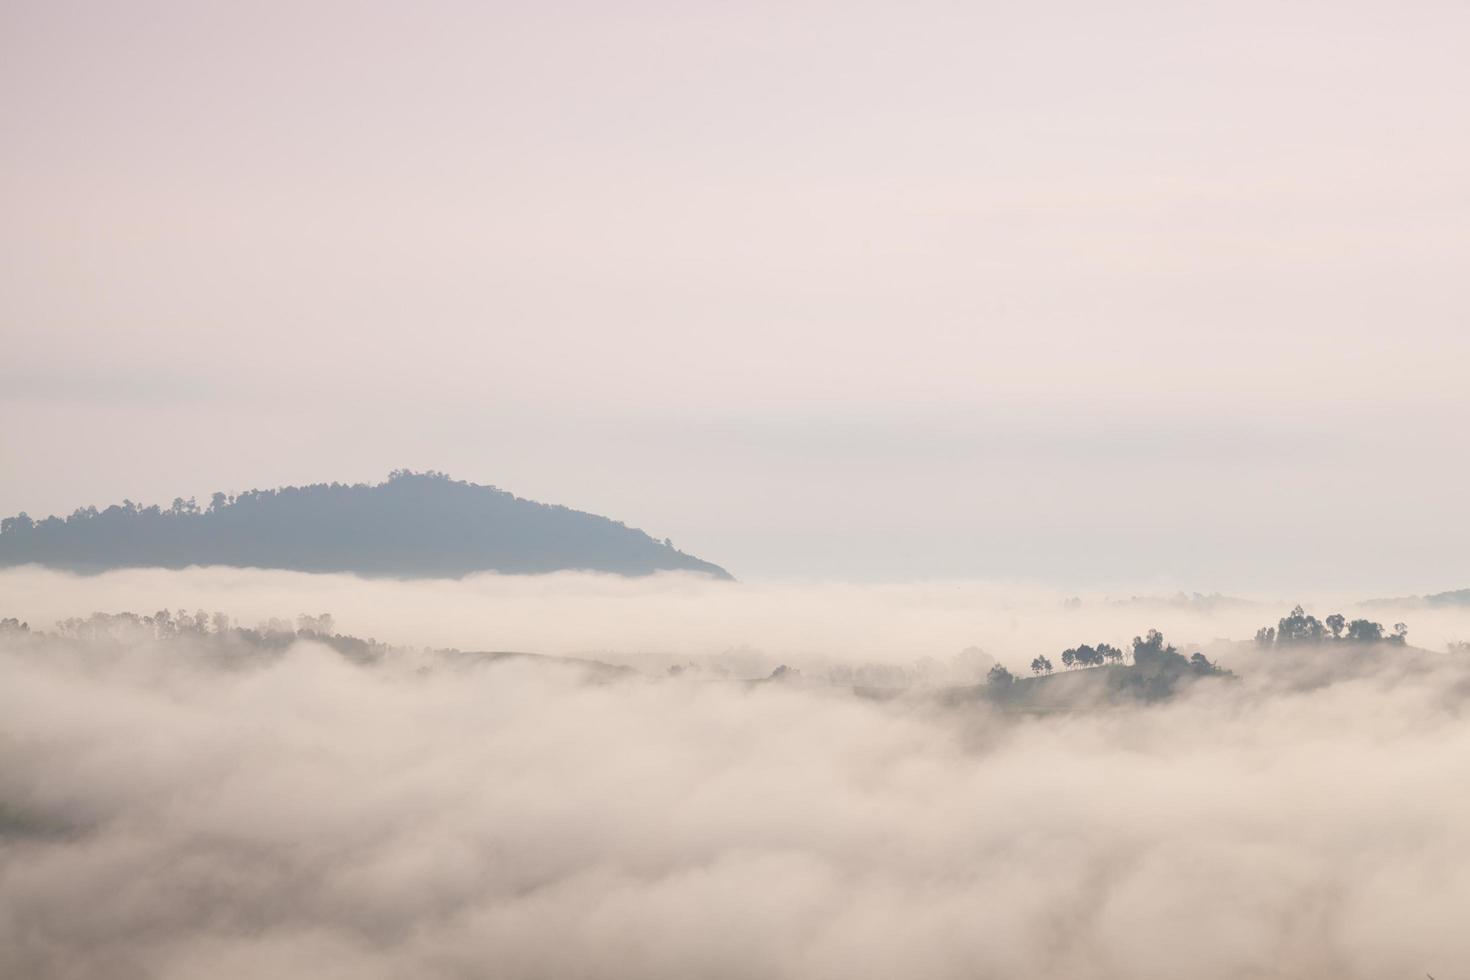 montagne e foreste coperte di nebbia foto